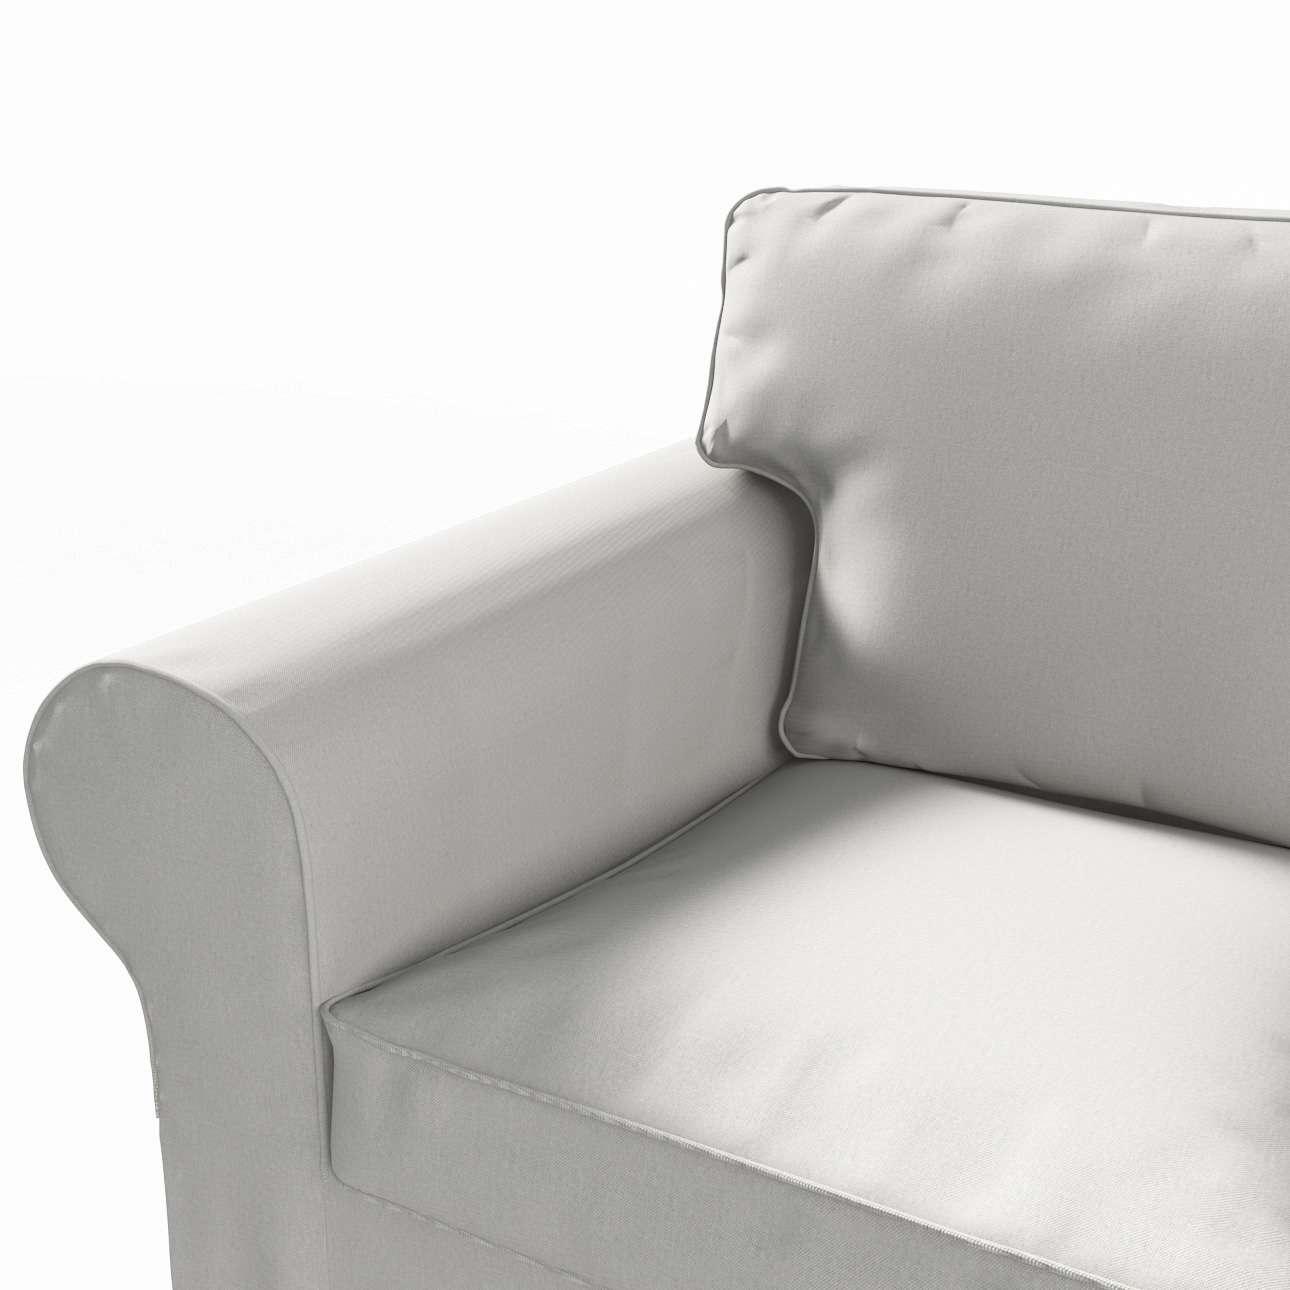 Pokrowiec na sofę Ektorp 3-osobową, rozkładaną NOWY MODEL 2013 w kolekcji Etna , tkanina: 705-90